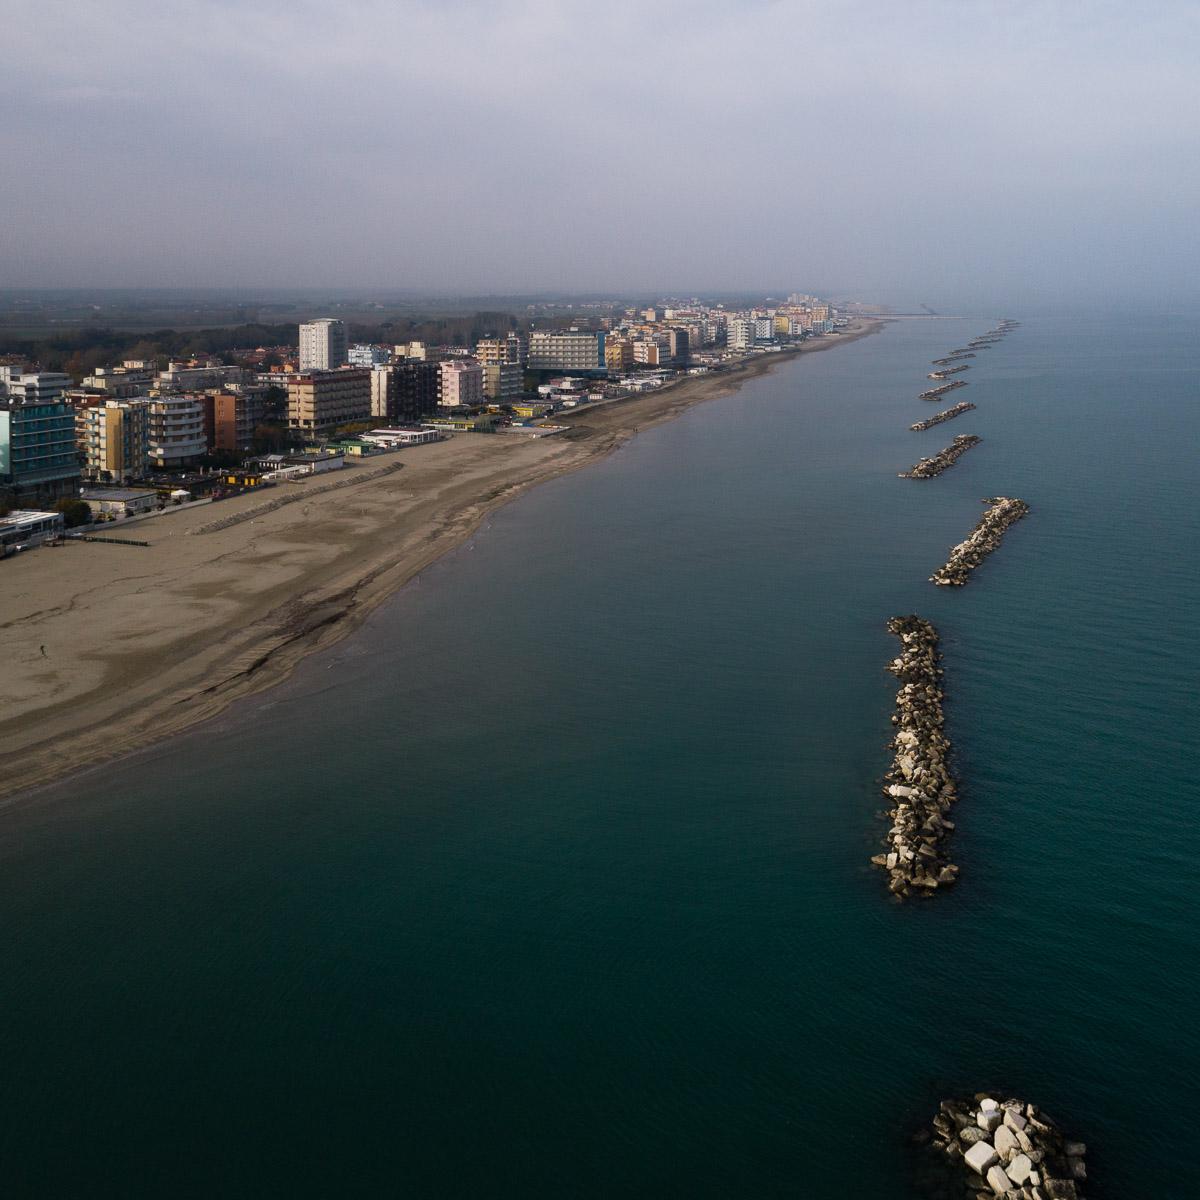 DJI_0050-antonello-zoffoli-drone-cervia-mare-costa-inverno-square